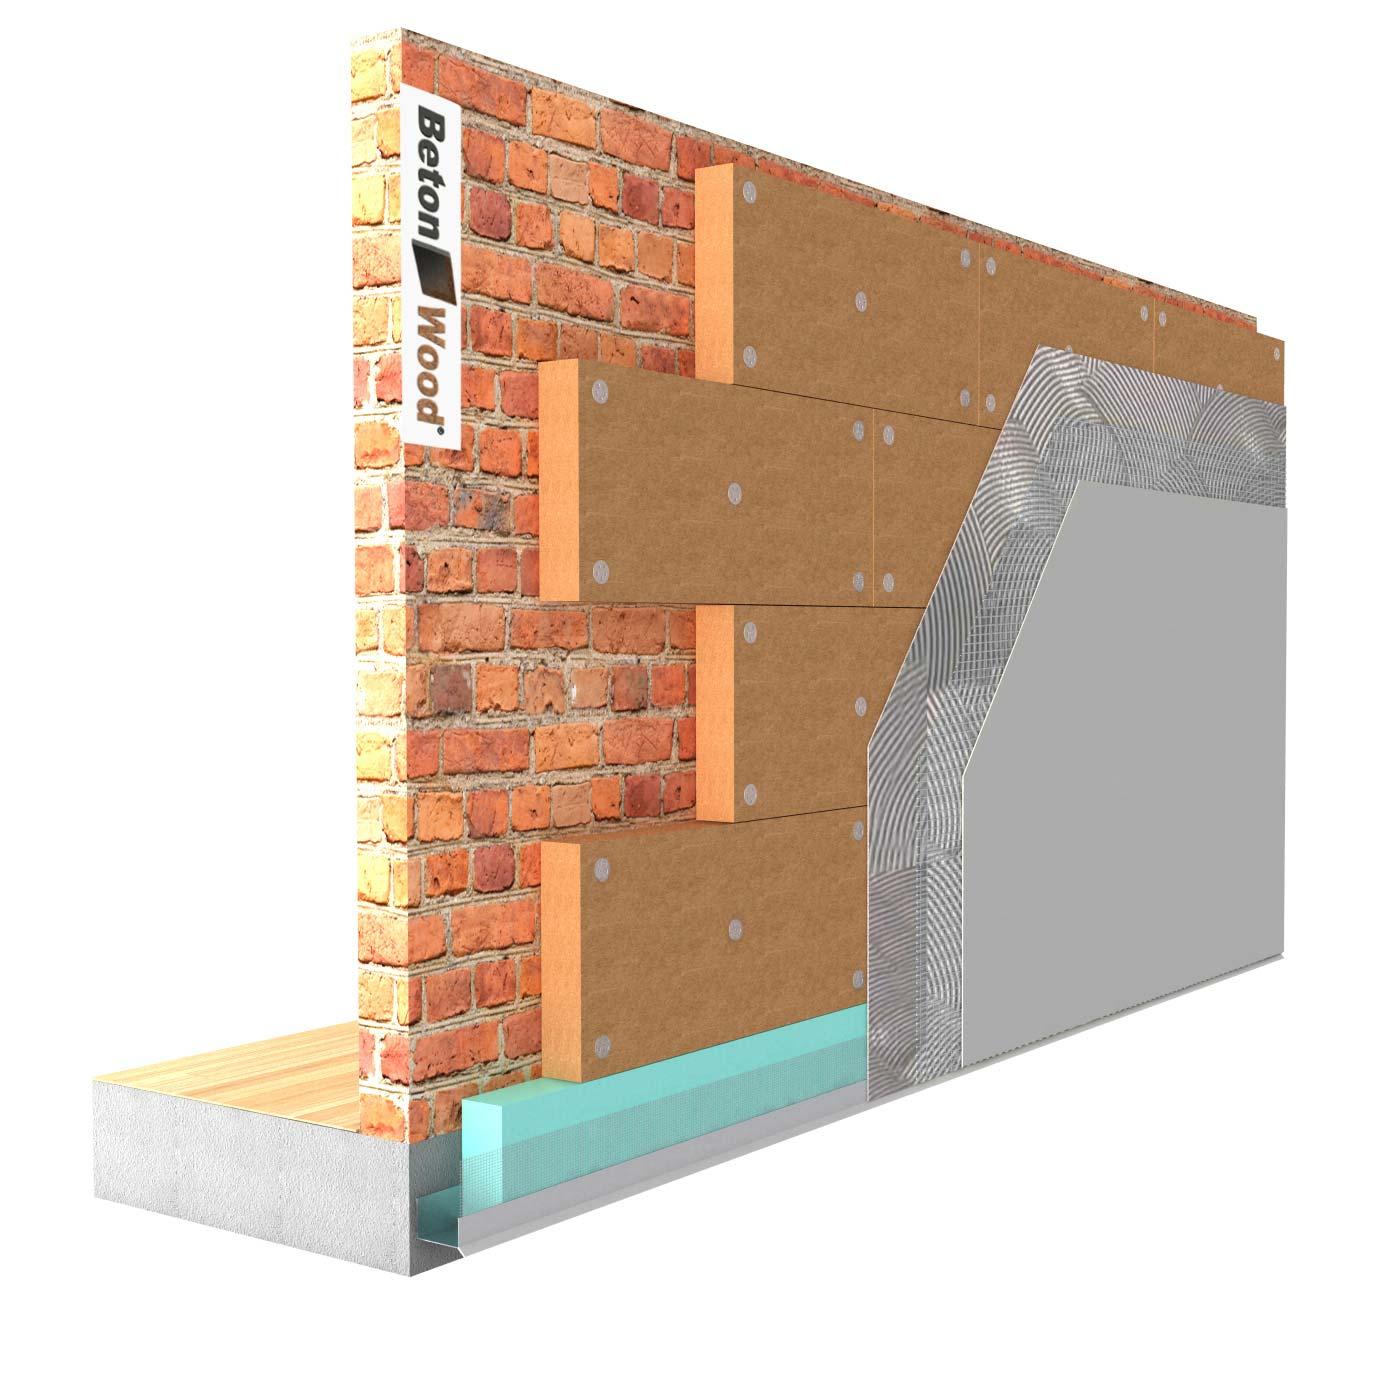 Materiali Per Coibentare Pareti Interne fibra di legno per cappotto termico esterno